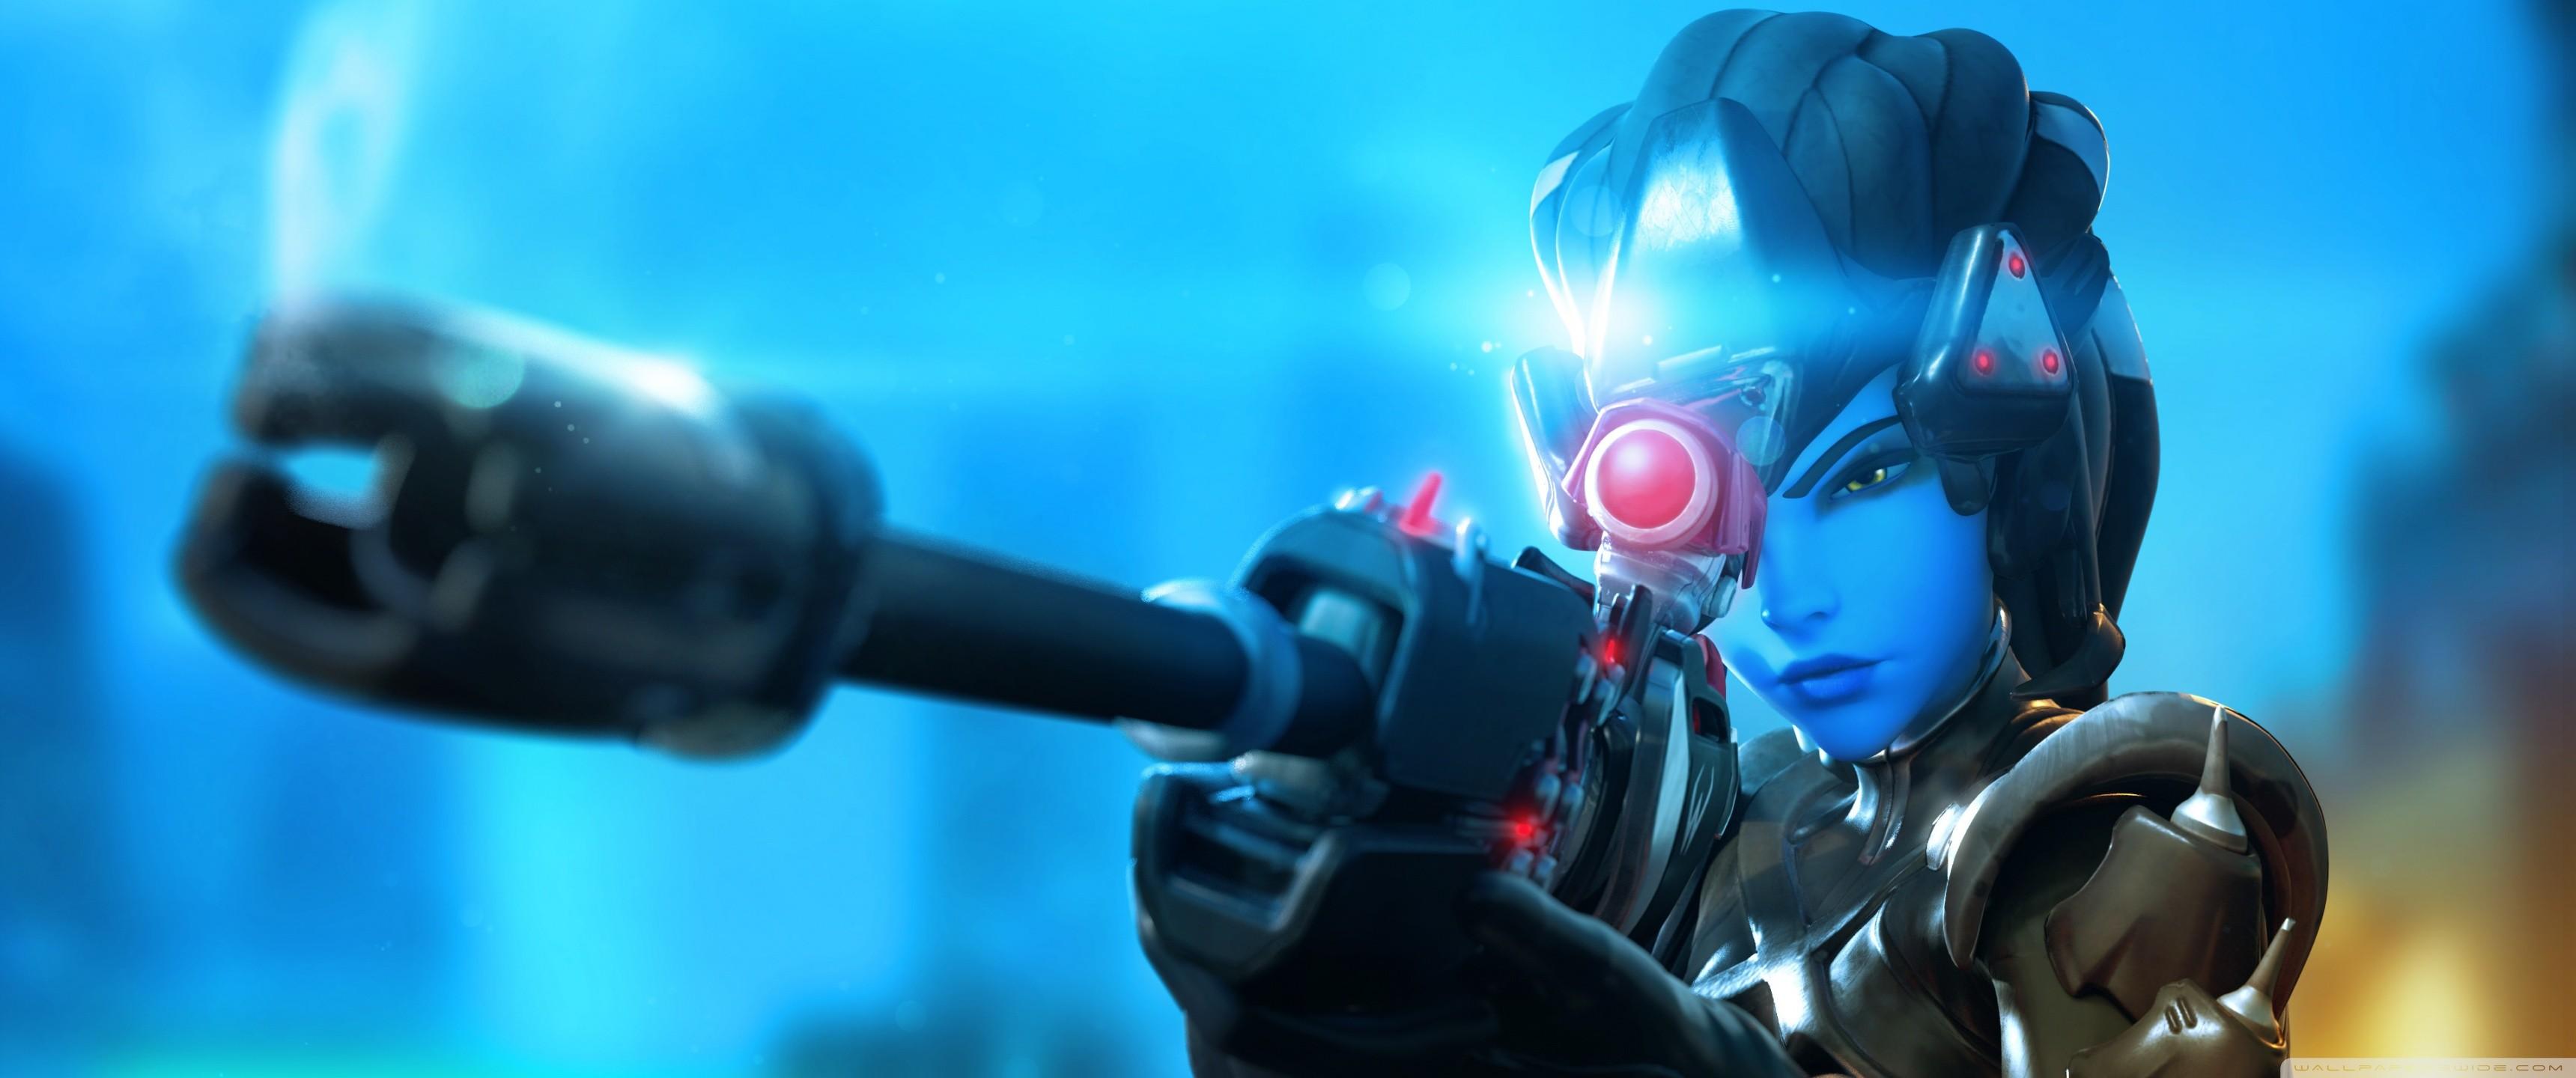 Overwatch Widowmaker …